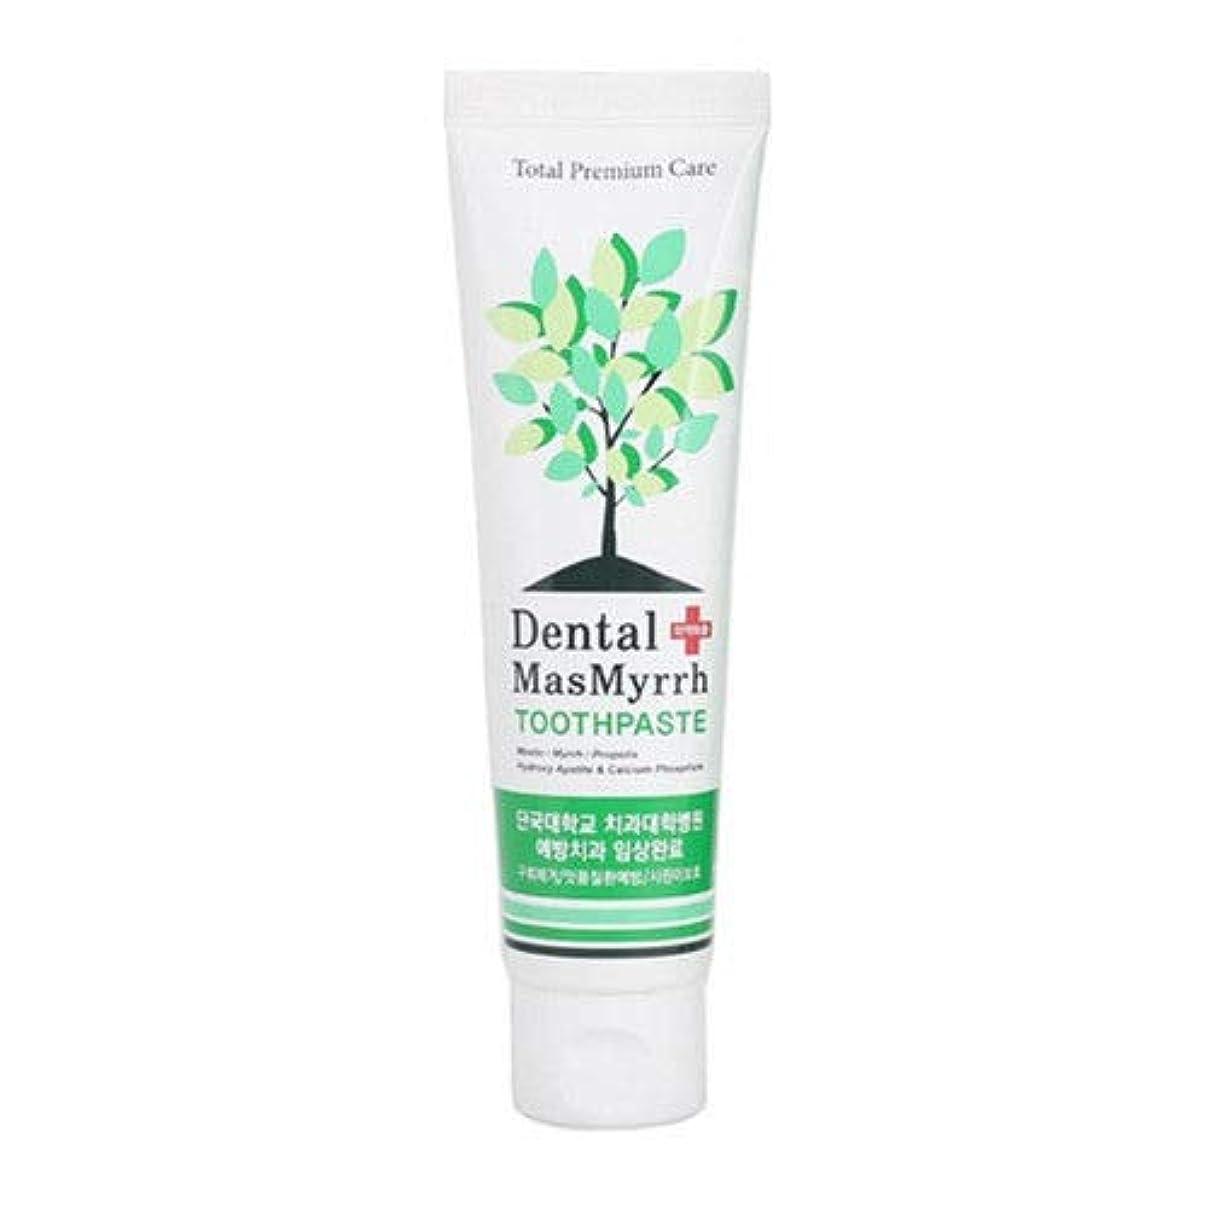 化粧量吸収剤天然 ナチュラル キシリトール 歯磨き粉 Natural Hernal Xylitol Anti-plague PBL Tube 歯科用 ハミガキ粉 - 130g[並行輸入品]